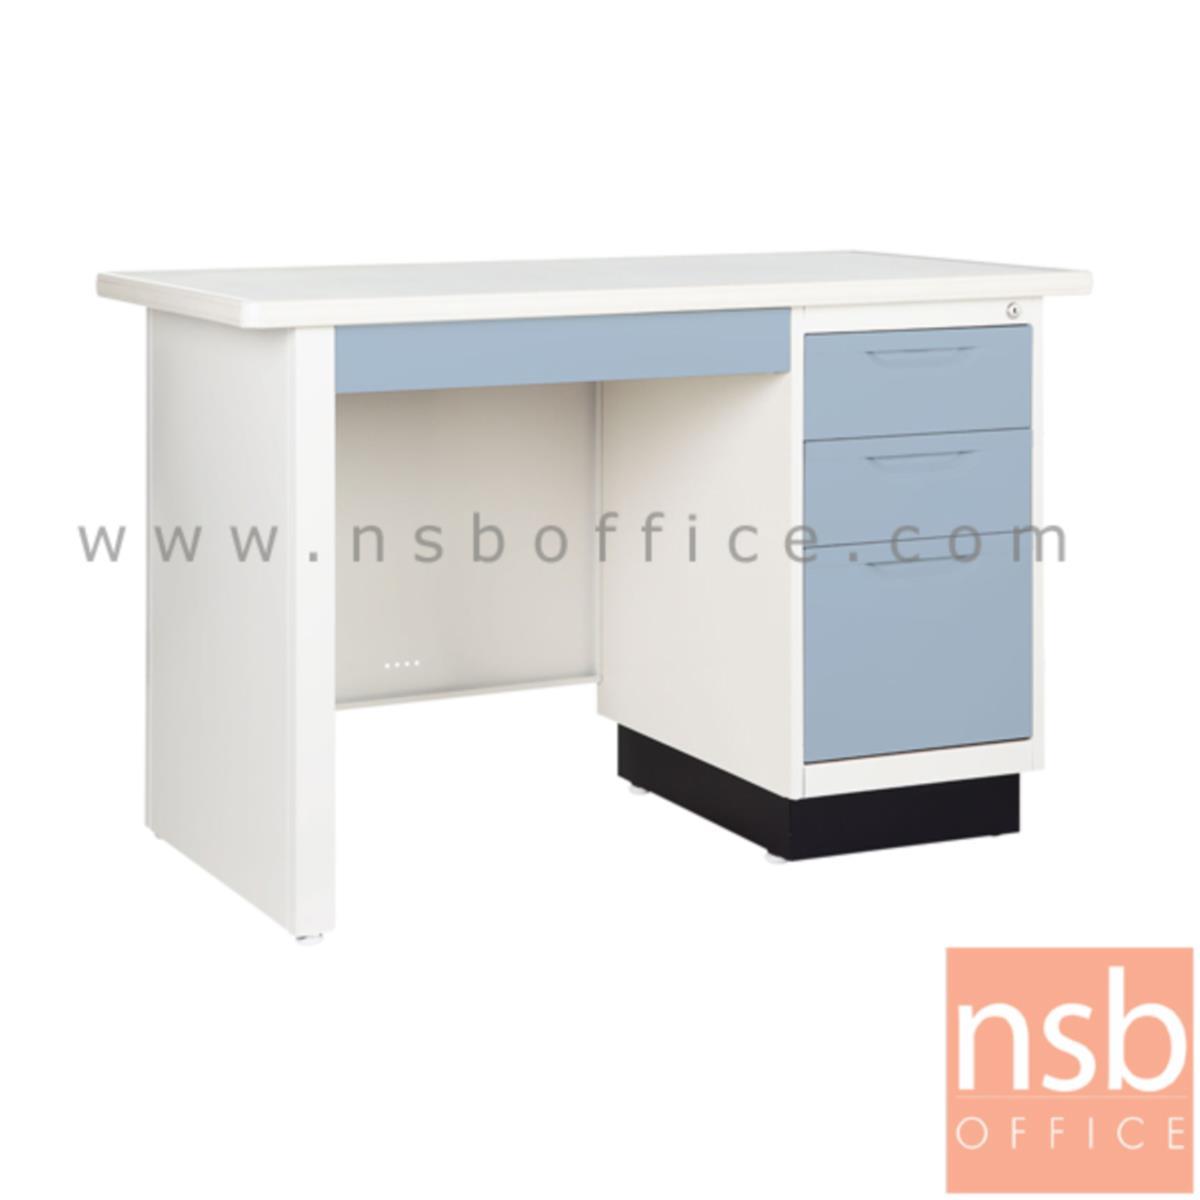 โต๊ะทำงานหน้าเหล็ก 4 ลิ้นชัก  รุ่น BS ขนาด 3.5 ,4 ฟุต